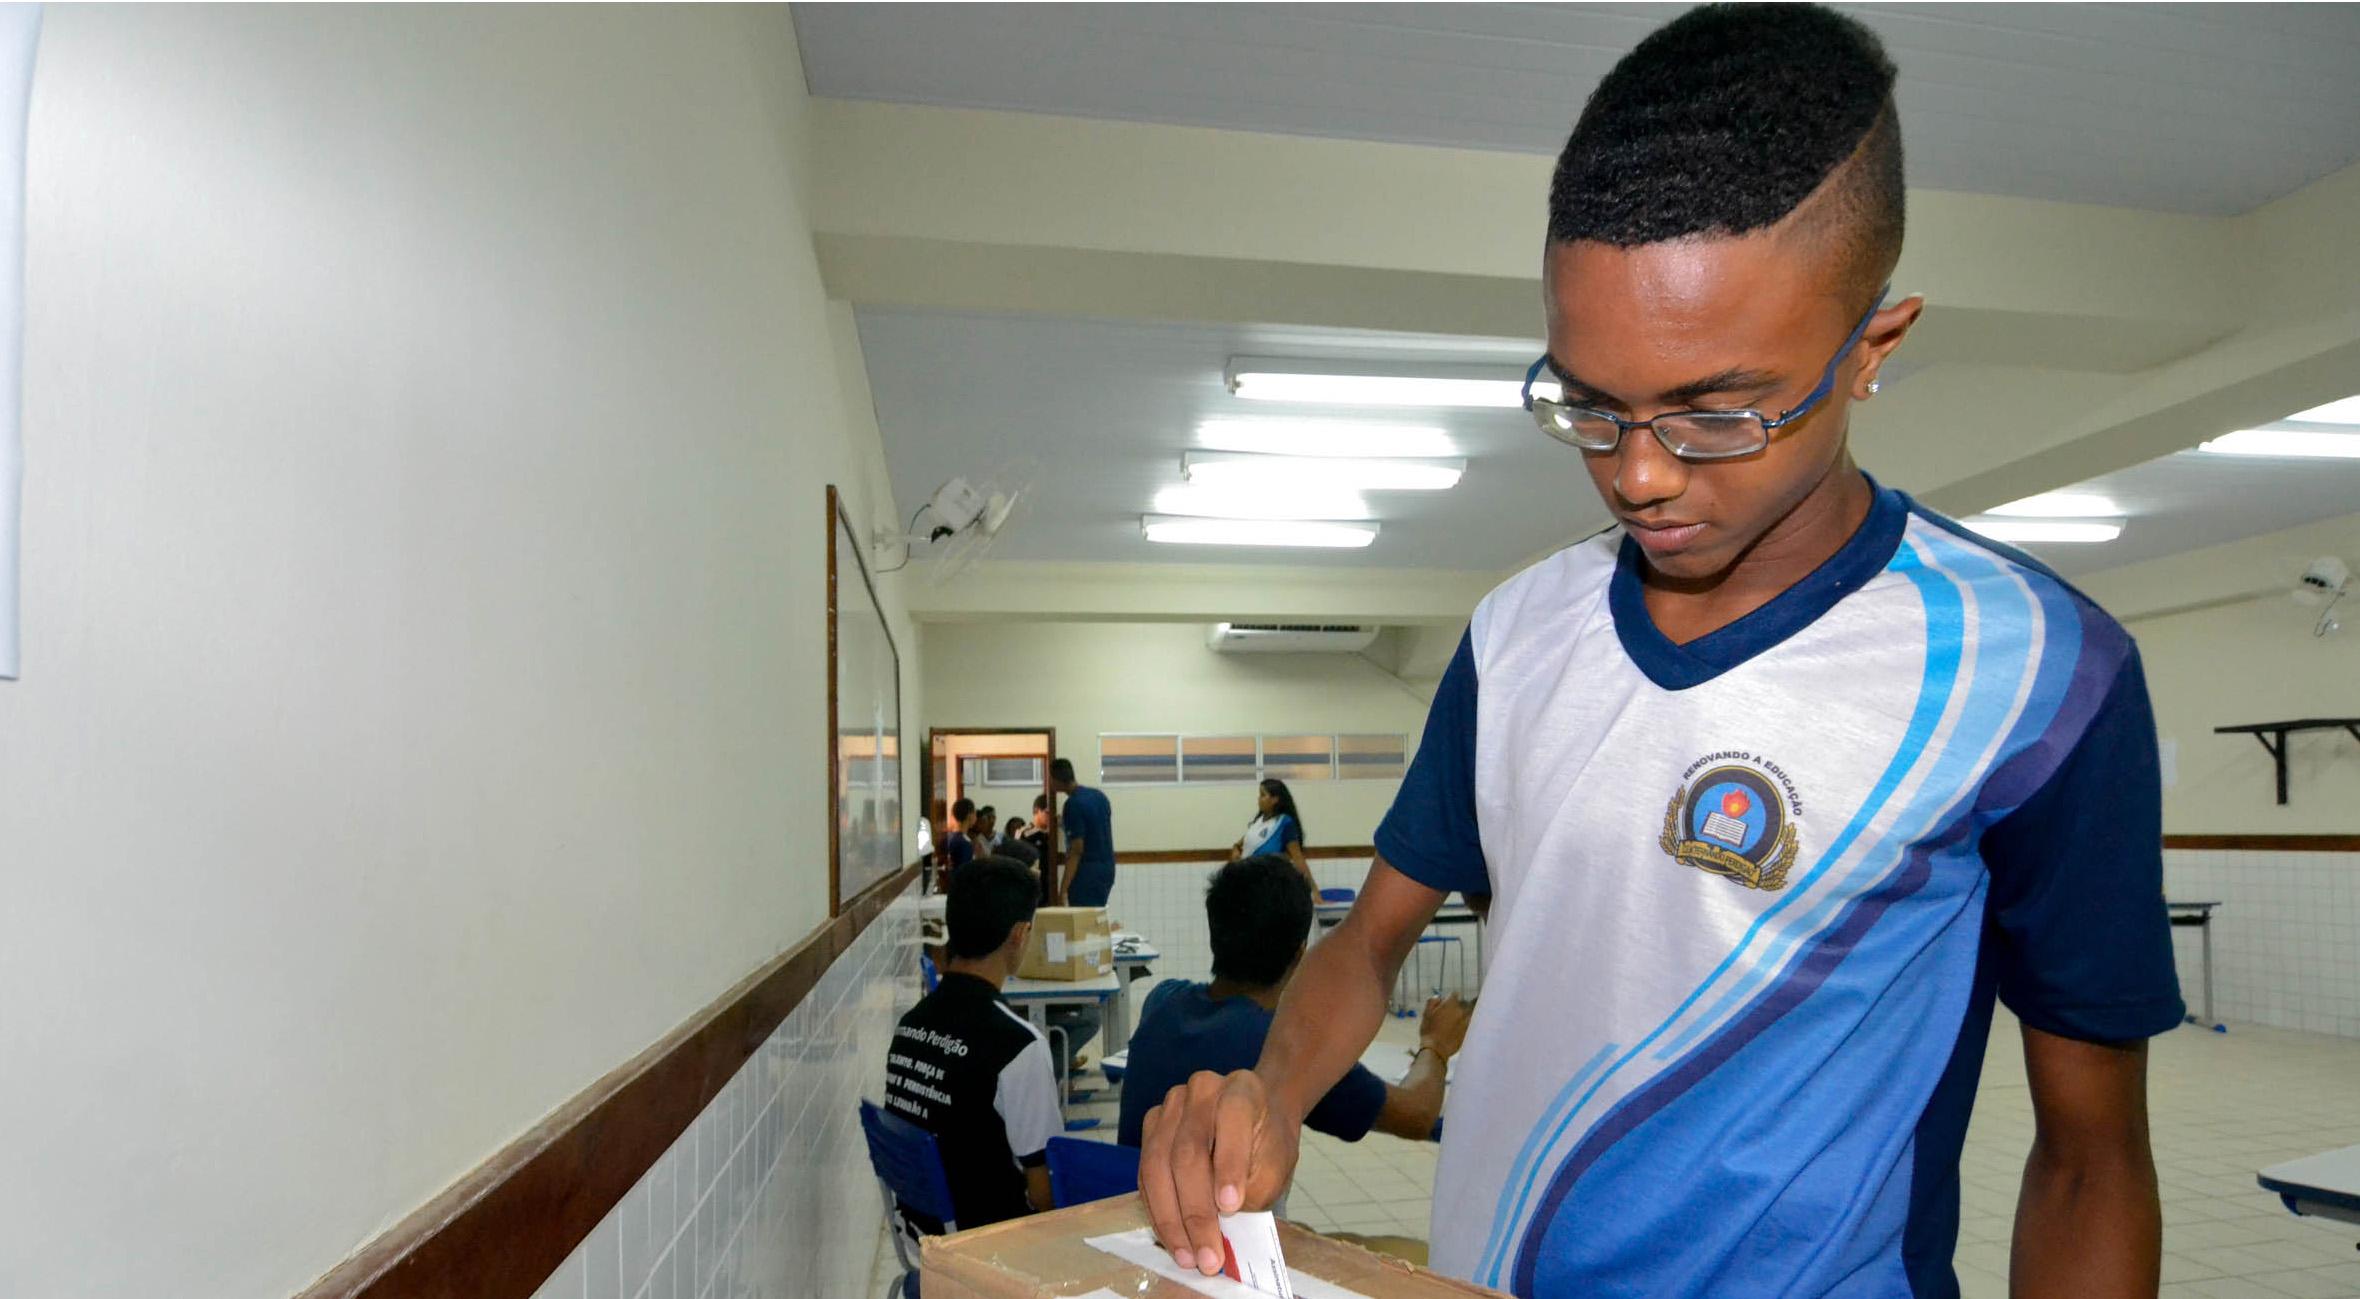 Fotos_01_Karlos Geromy_26_04_2016_Eleição do Colegiado_C.E Fernando Perdigão_RODRIGO AMORIM (1)